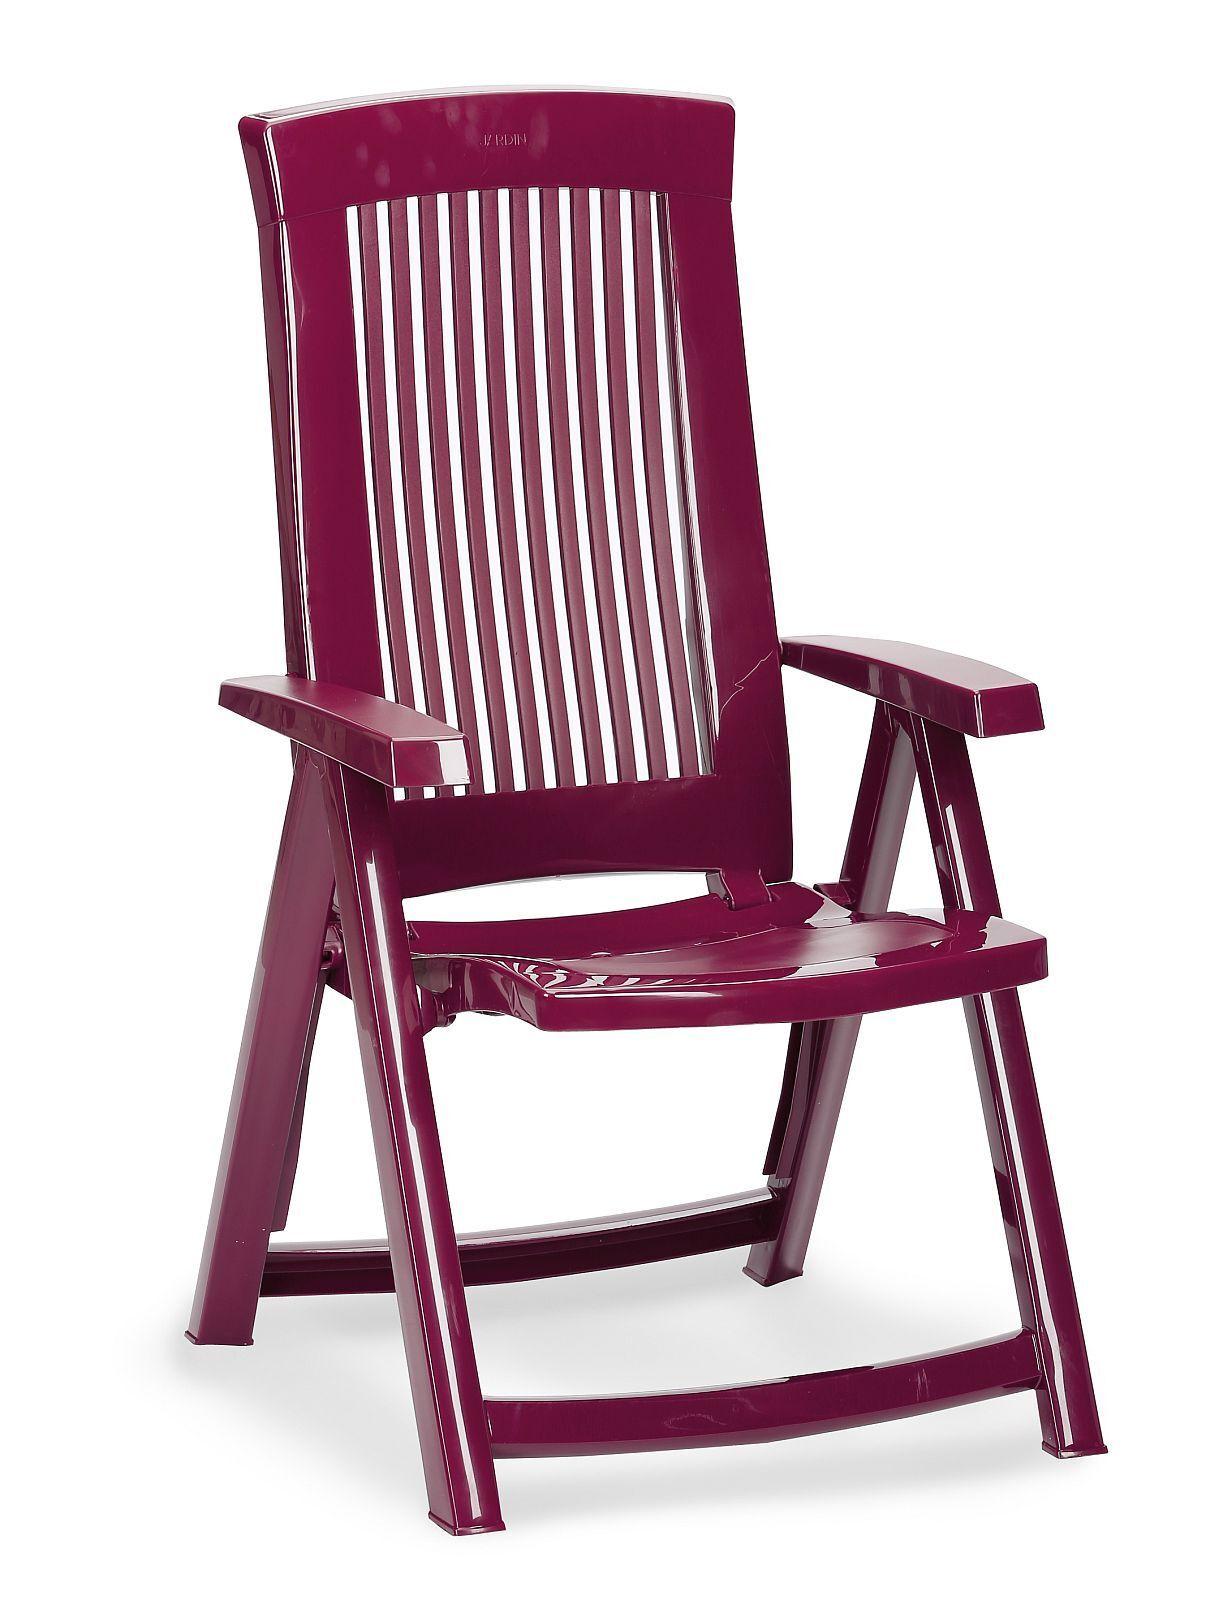 Gartenstuhl Gartenstuhl Gartenstuhl Hochlehner 5-fach verstellbar 6 Farben zusammenklappbar BF-Saola-K 04acf4